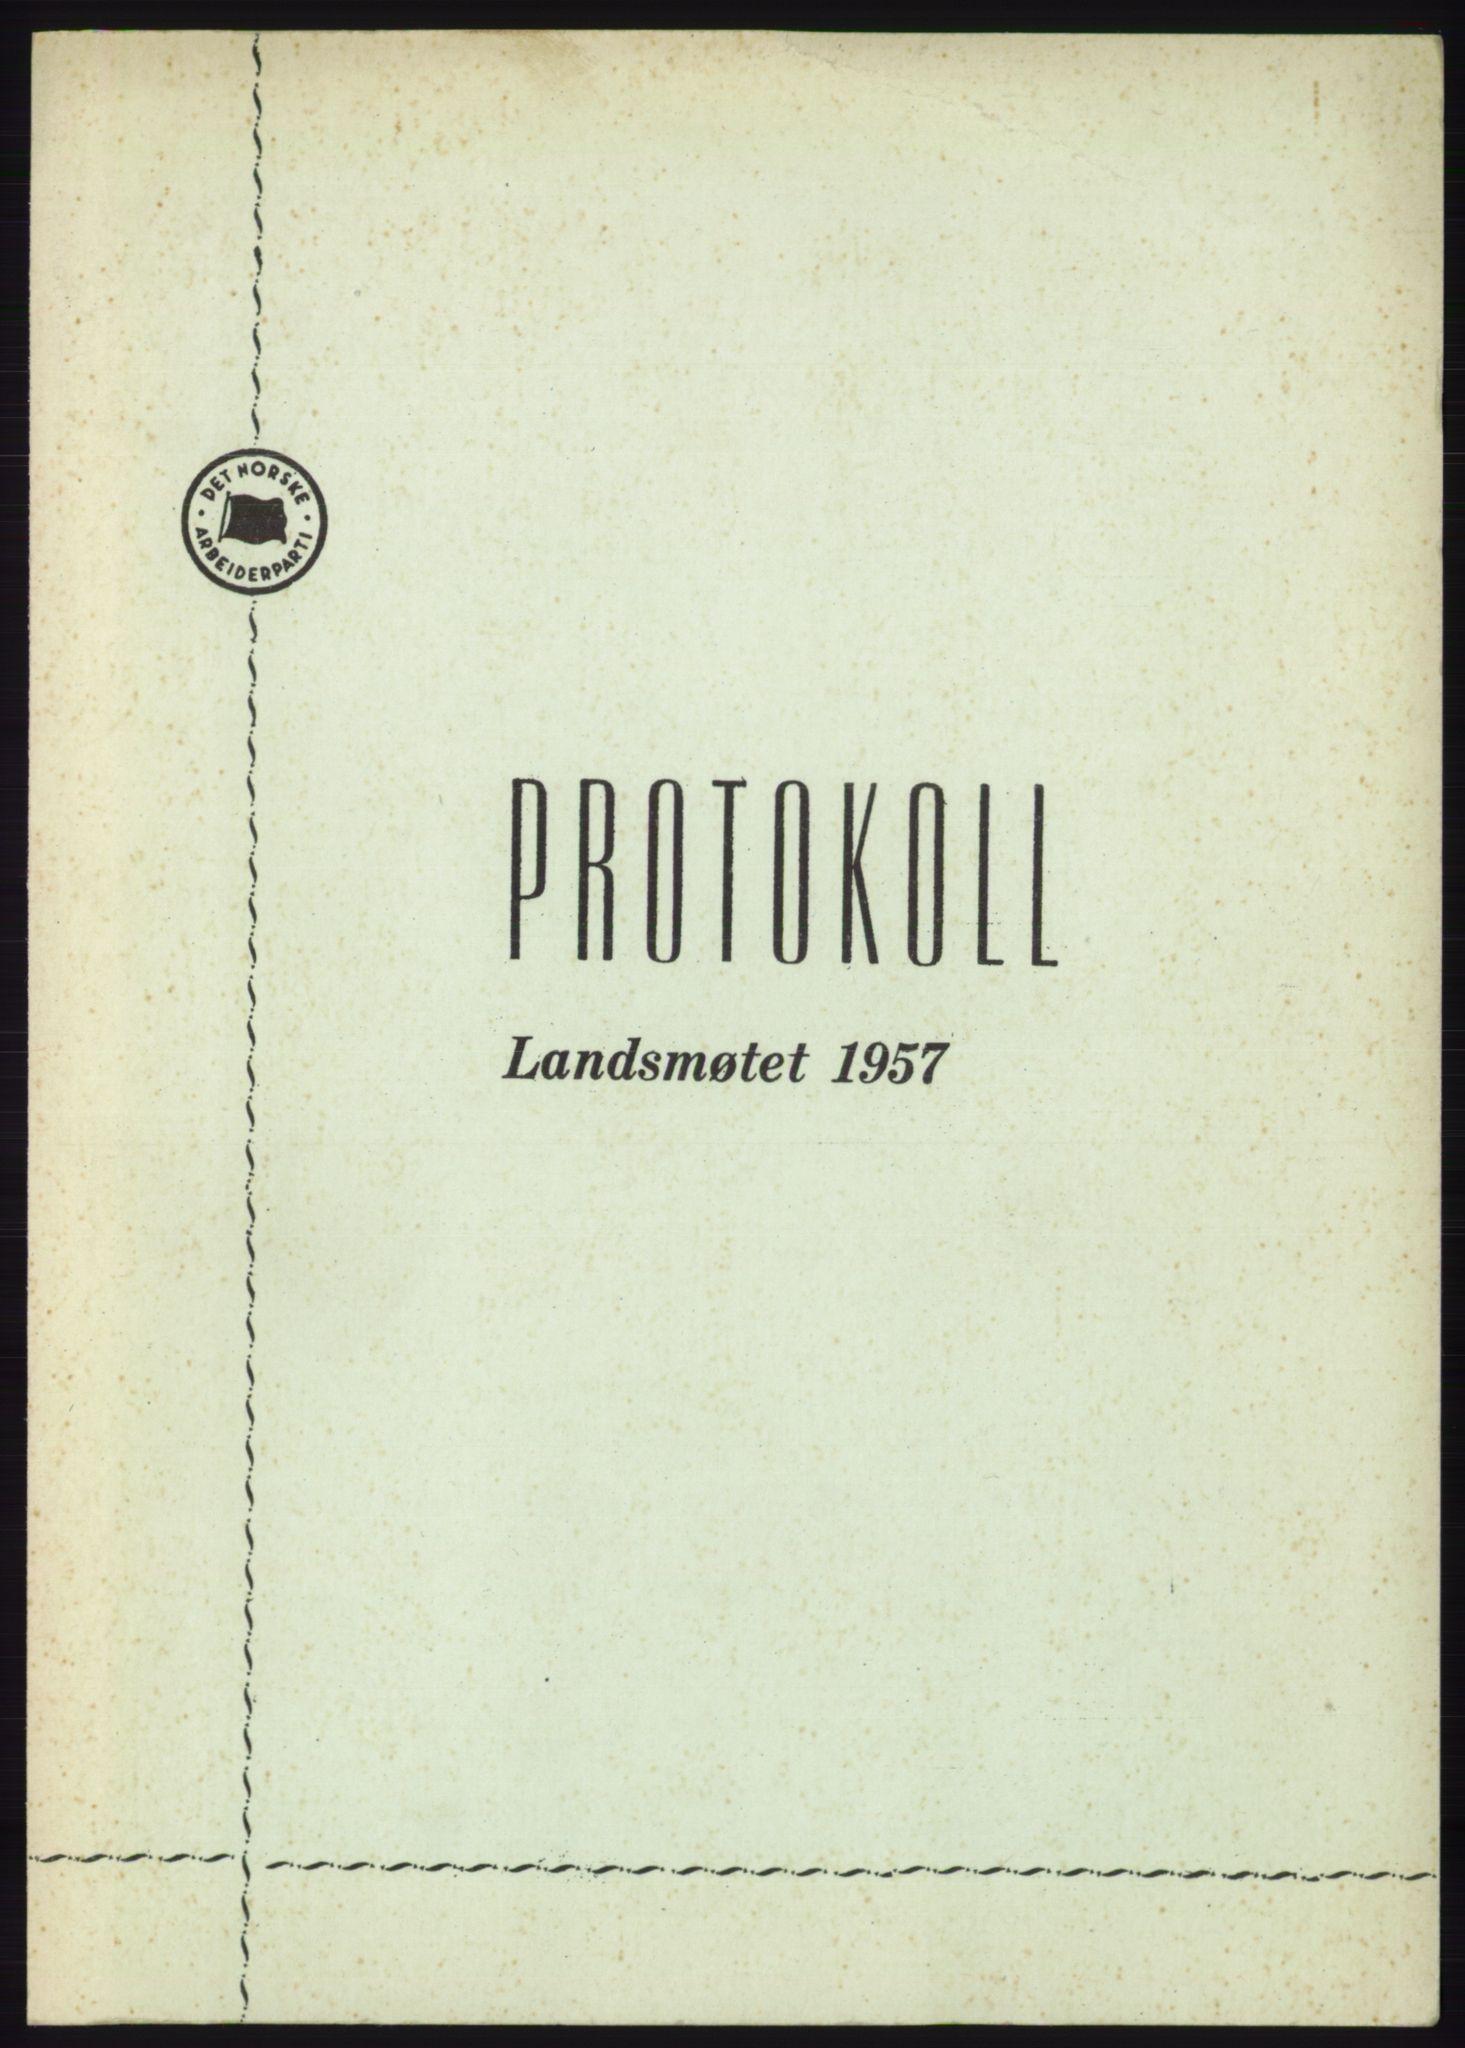 AAB, Det norske Arbeiderparti - publikasjoner, -/-: Protokoll over forhandlingene på det 36. ordinære landsmøte 30.-31. mai og 1. juni 1957 i Oslo, 1957